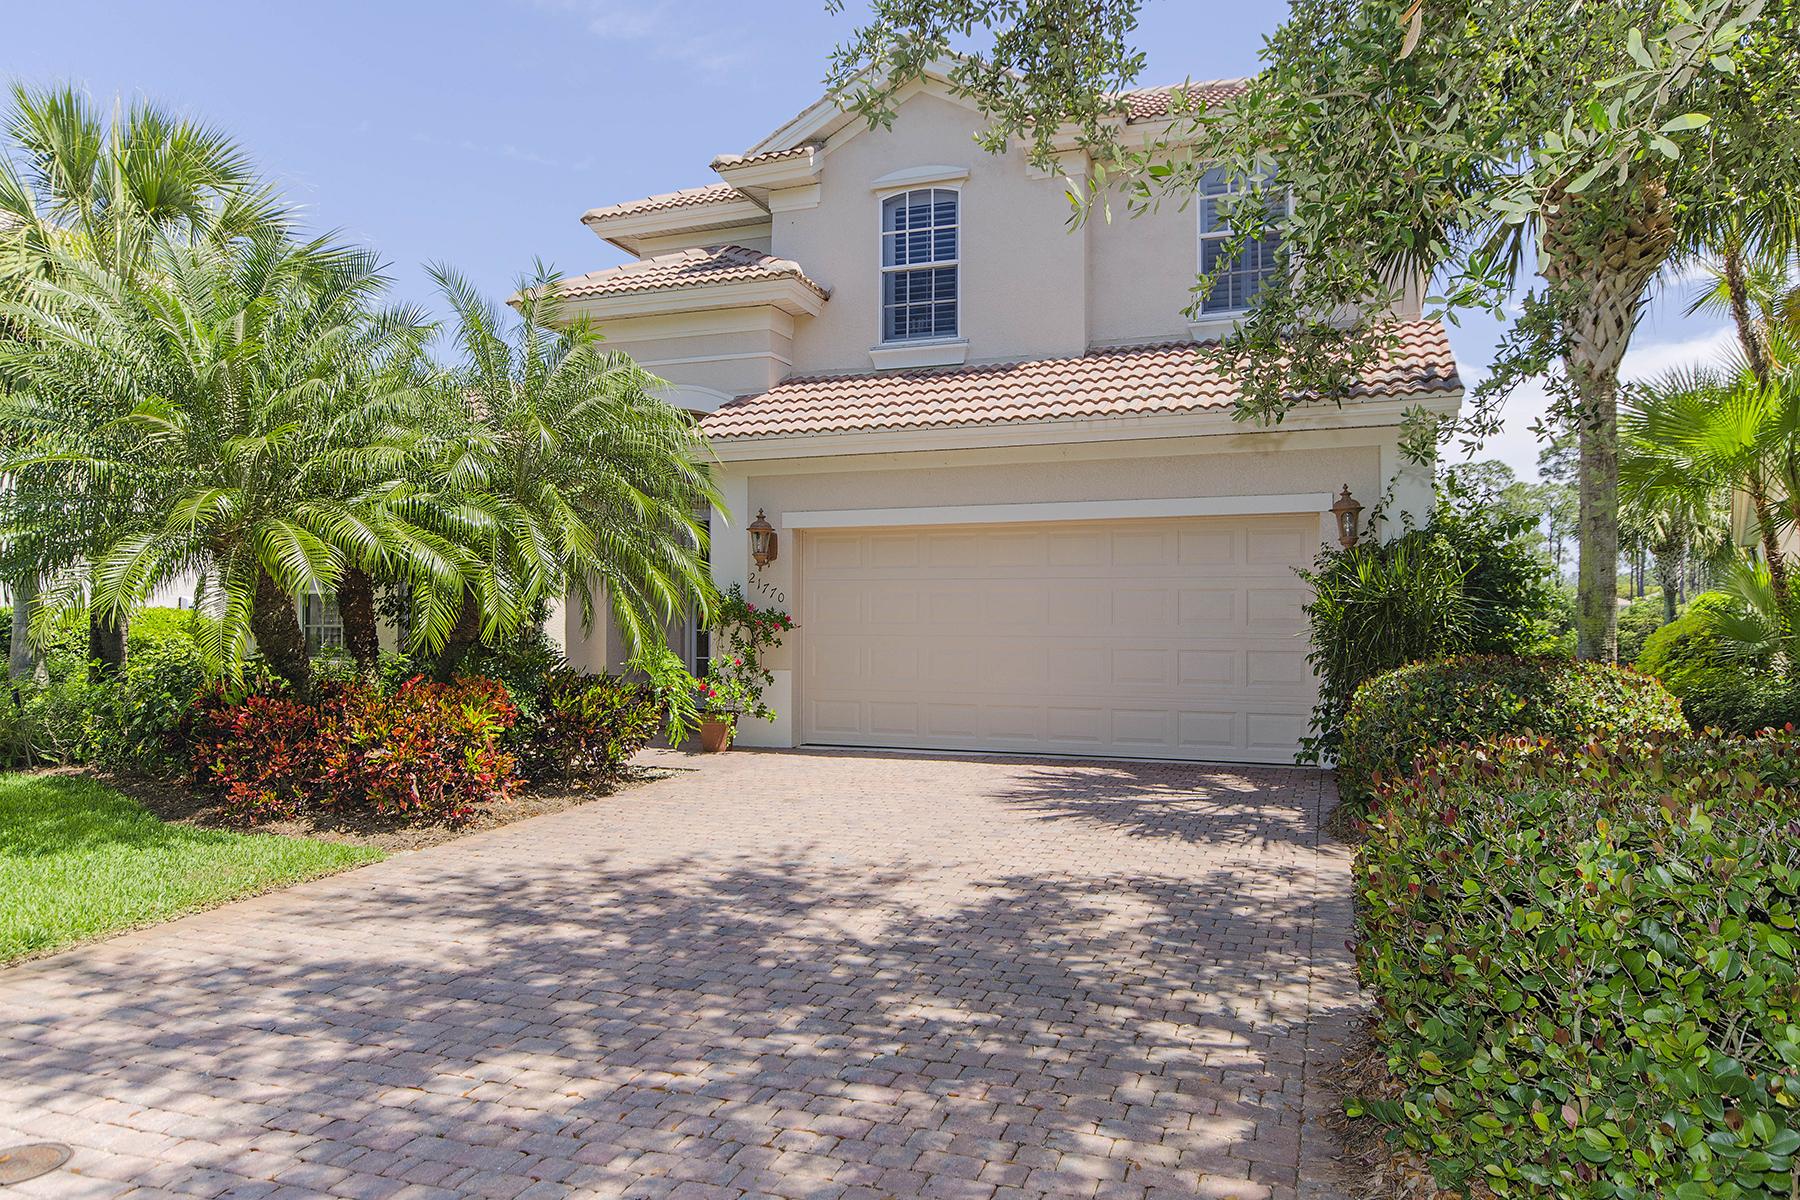 Maison unifamiliale pour l Vente à THE BROOKS - SHADOW WOOD - LONGLEAF 21770 Longleaf Trail Dr Bonita Springs, Florida 34135 États-Unis